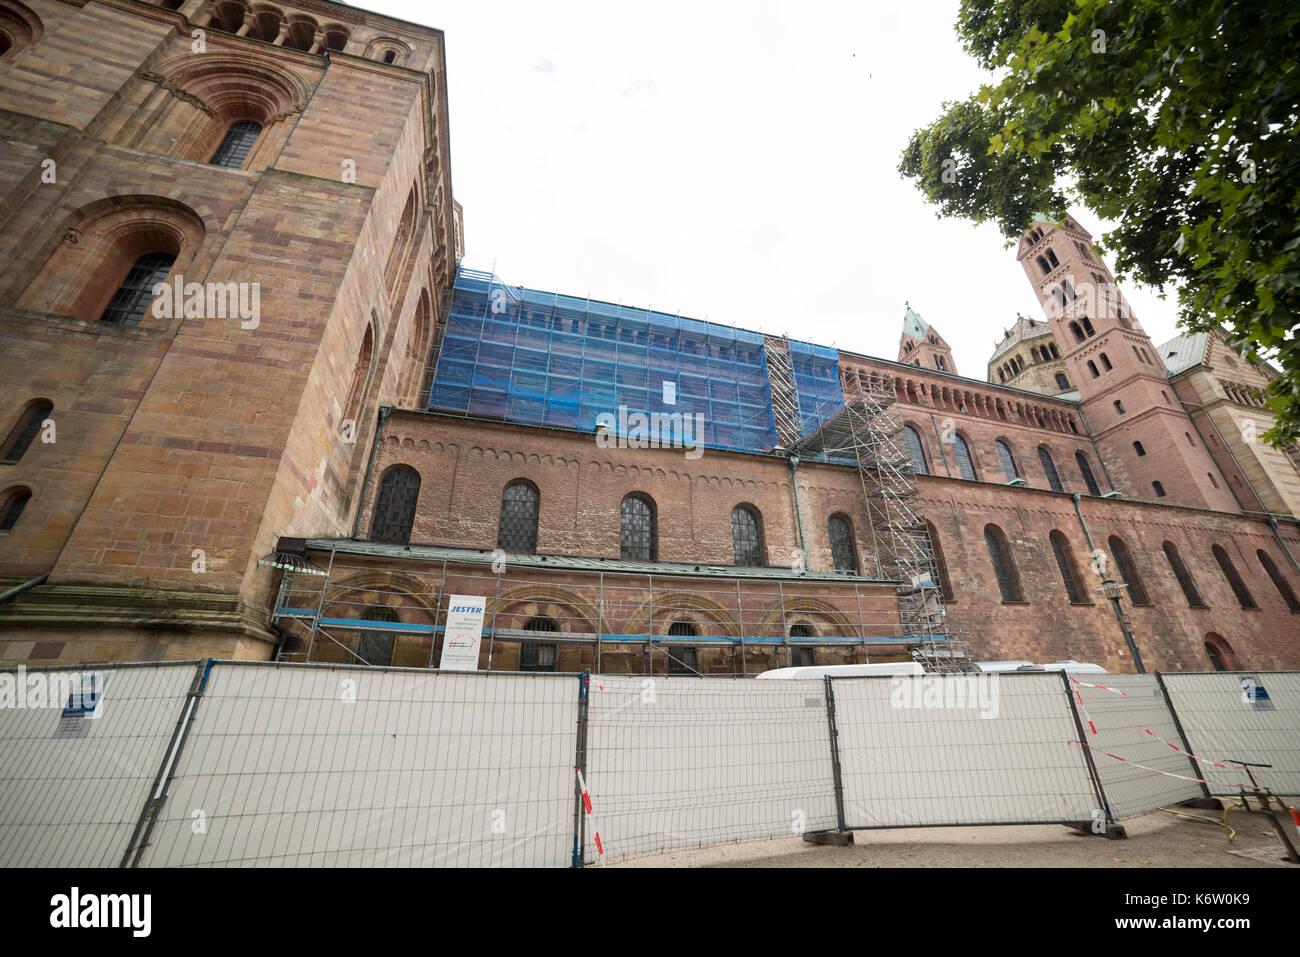 Reisen, Deutschland, Rheinland-Pfalz, Speyer, Innenstadt, September 04. Restauration, Bauarbeiten an der Nordseite Stock Photo